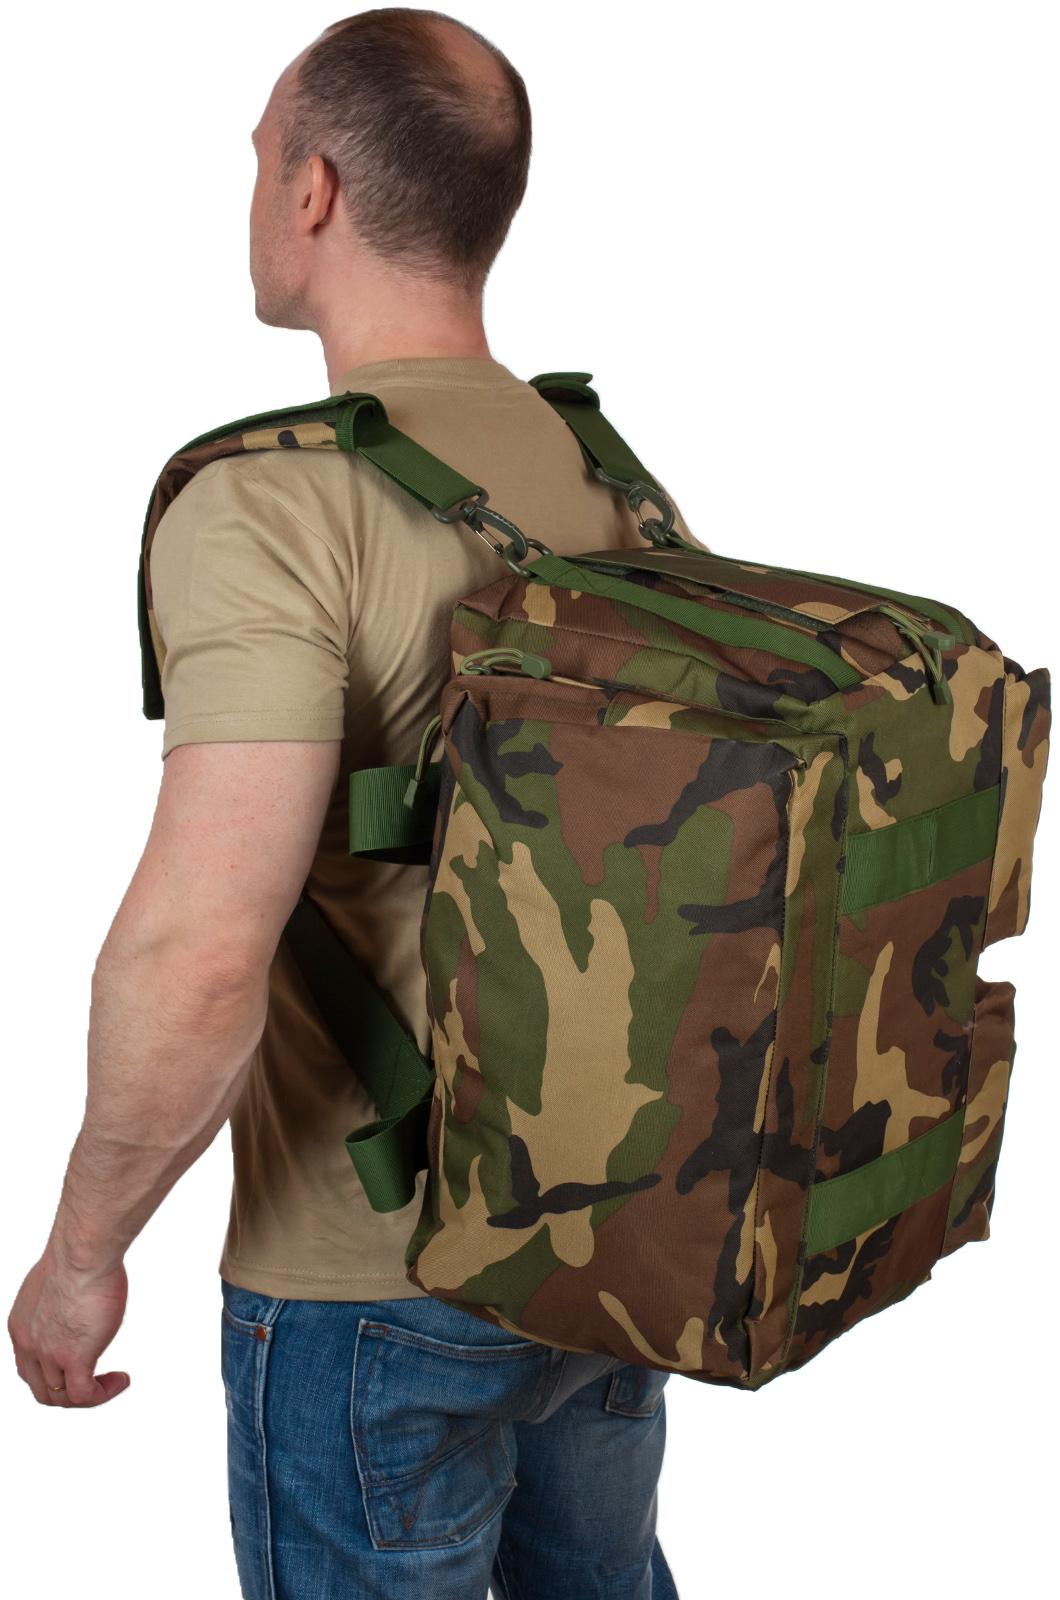 Купить военную дорожную сумку с нашивкой Погранвойска оптом выгодно